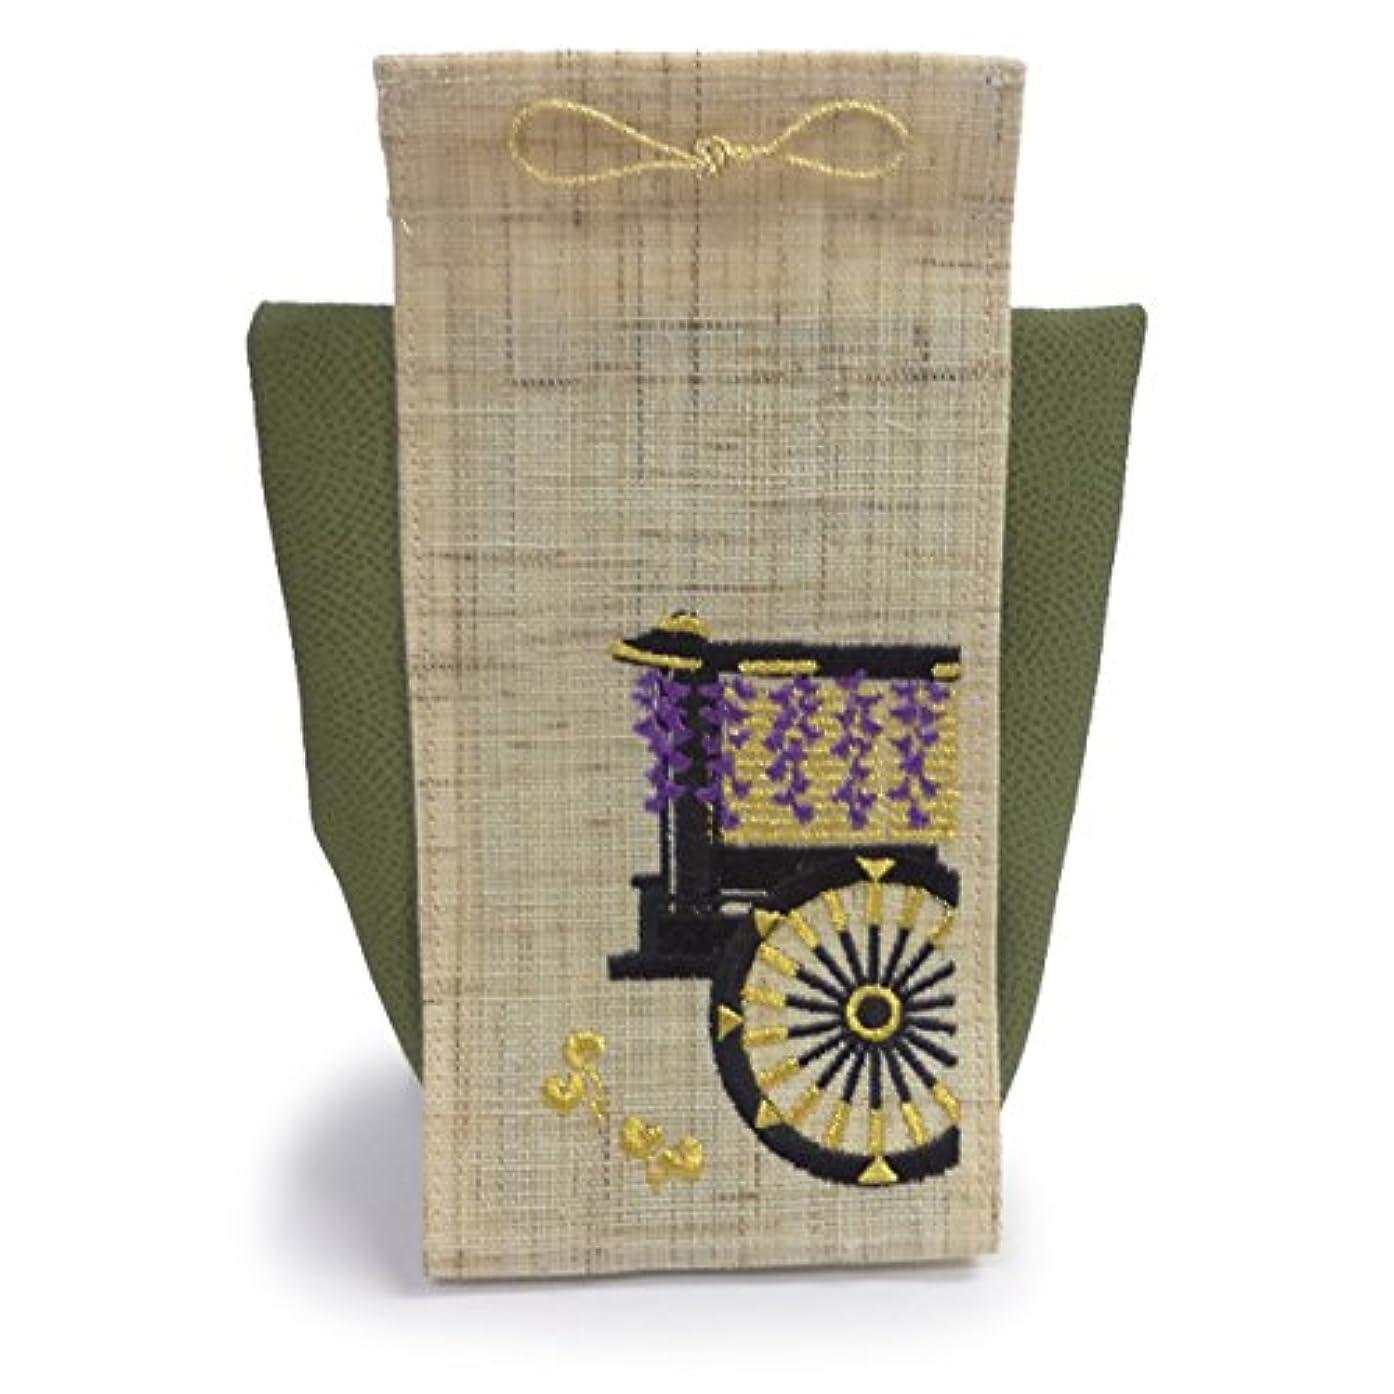 熟練した裁判所長老香飾り 京の風物詩 葵祭